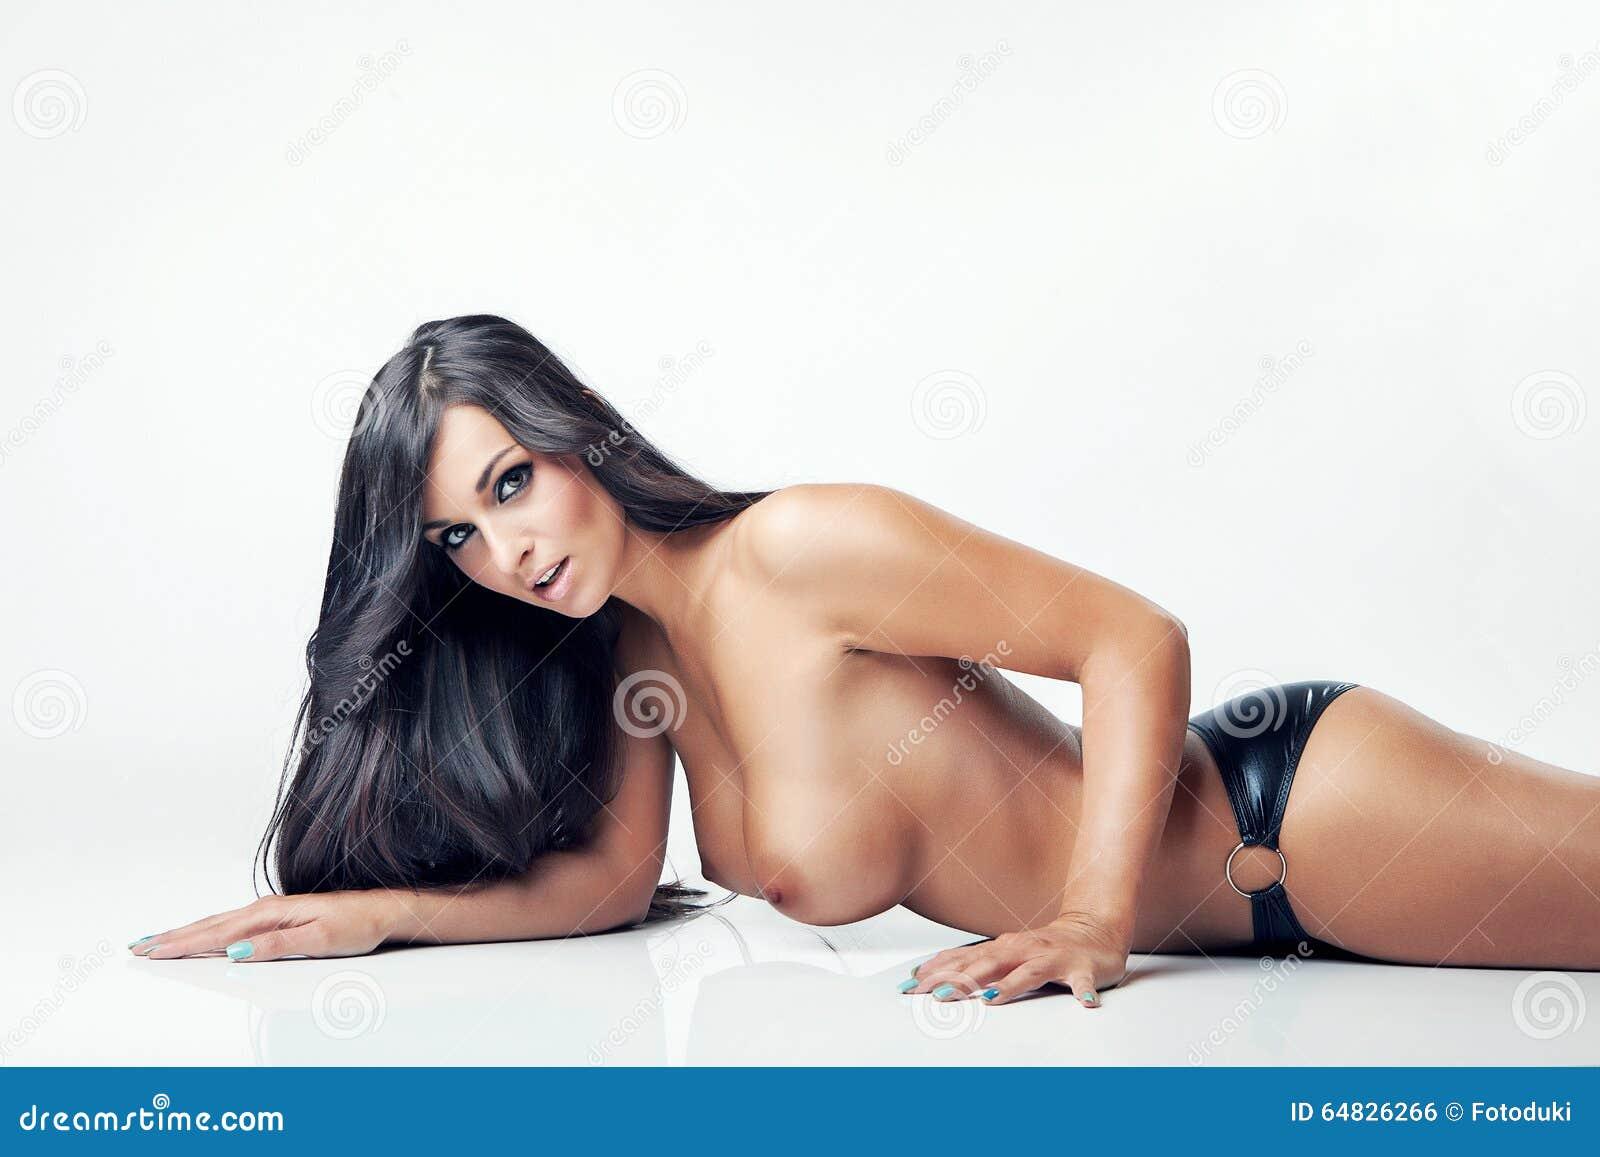 γυμνές φωτογραφίες των λεσβιών